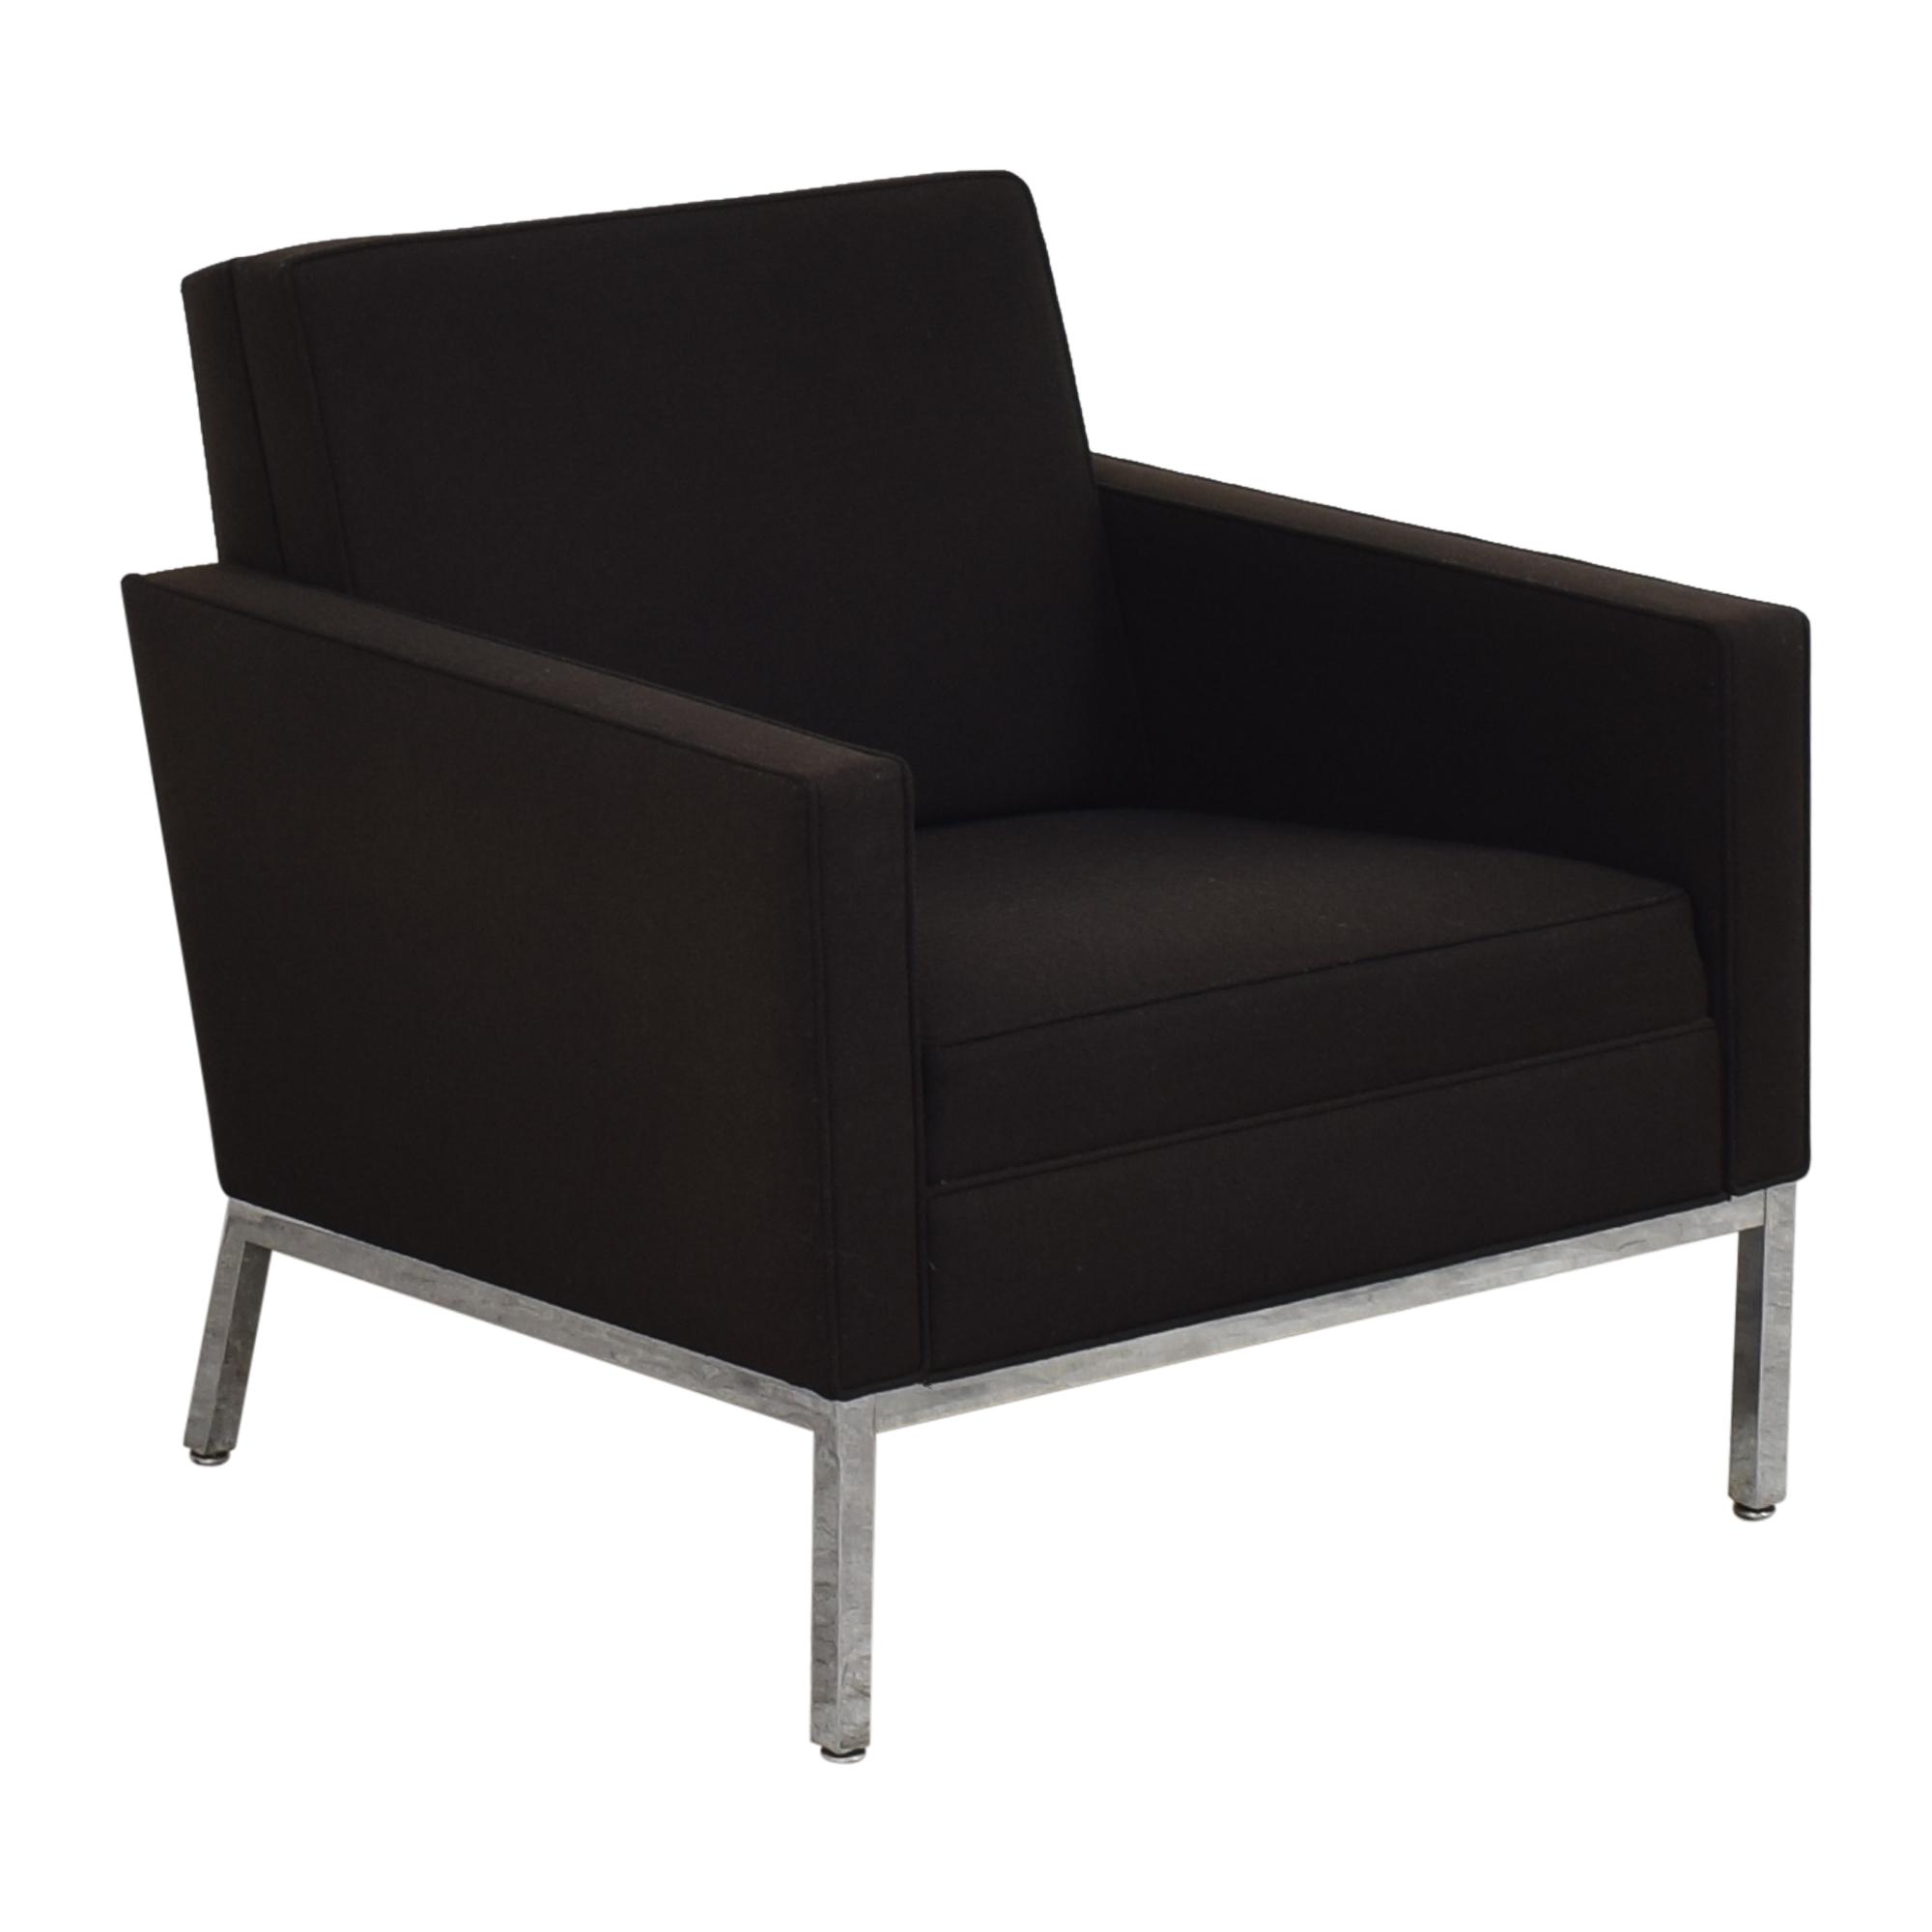 Steelcase Steelcase Vintage Club Chair